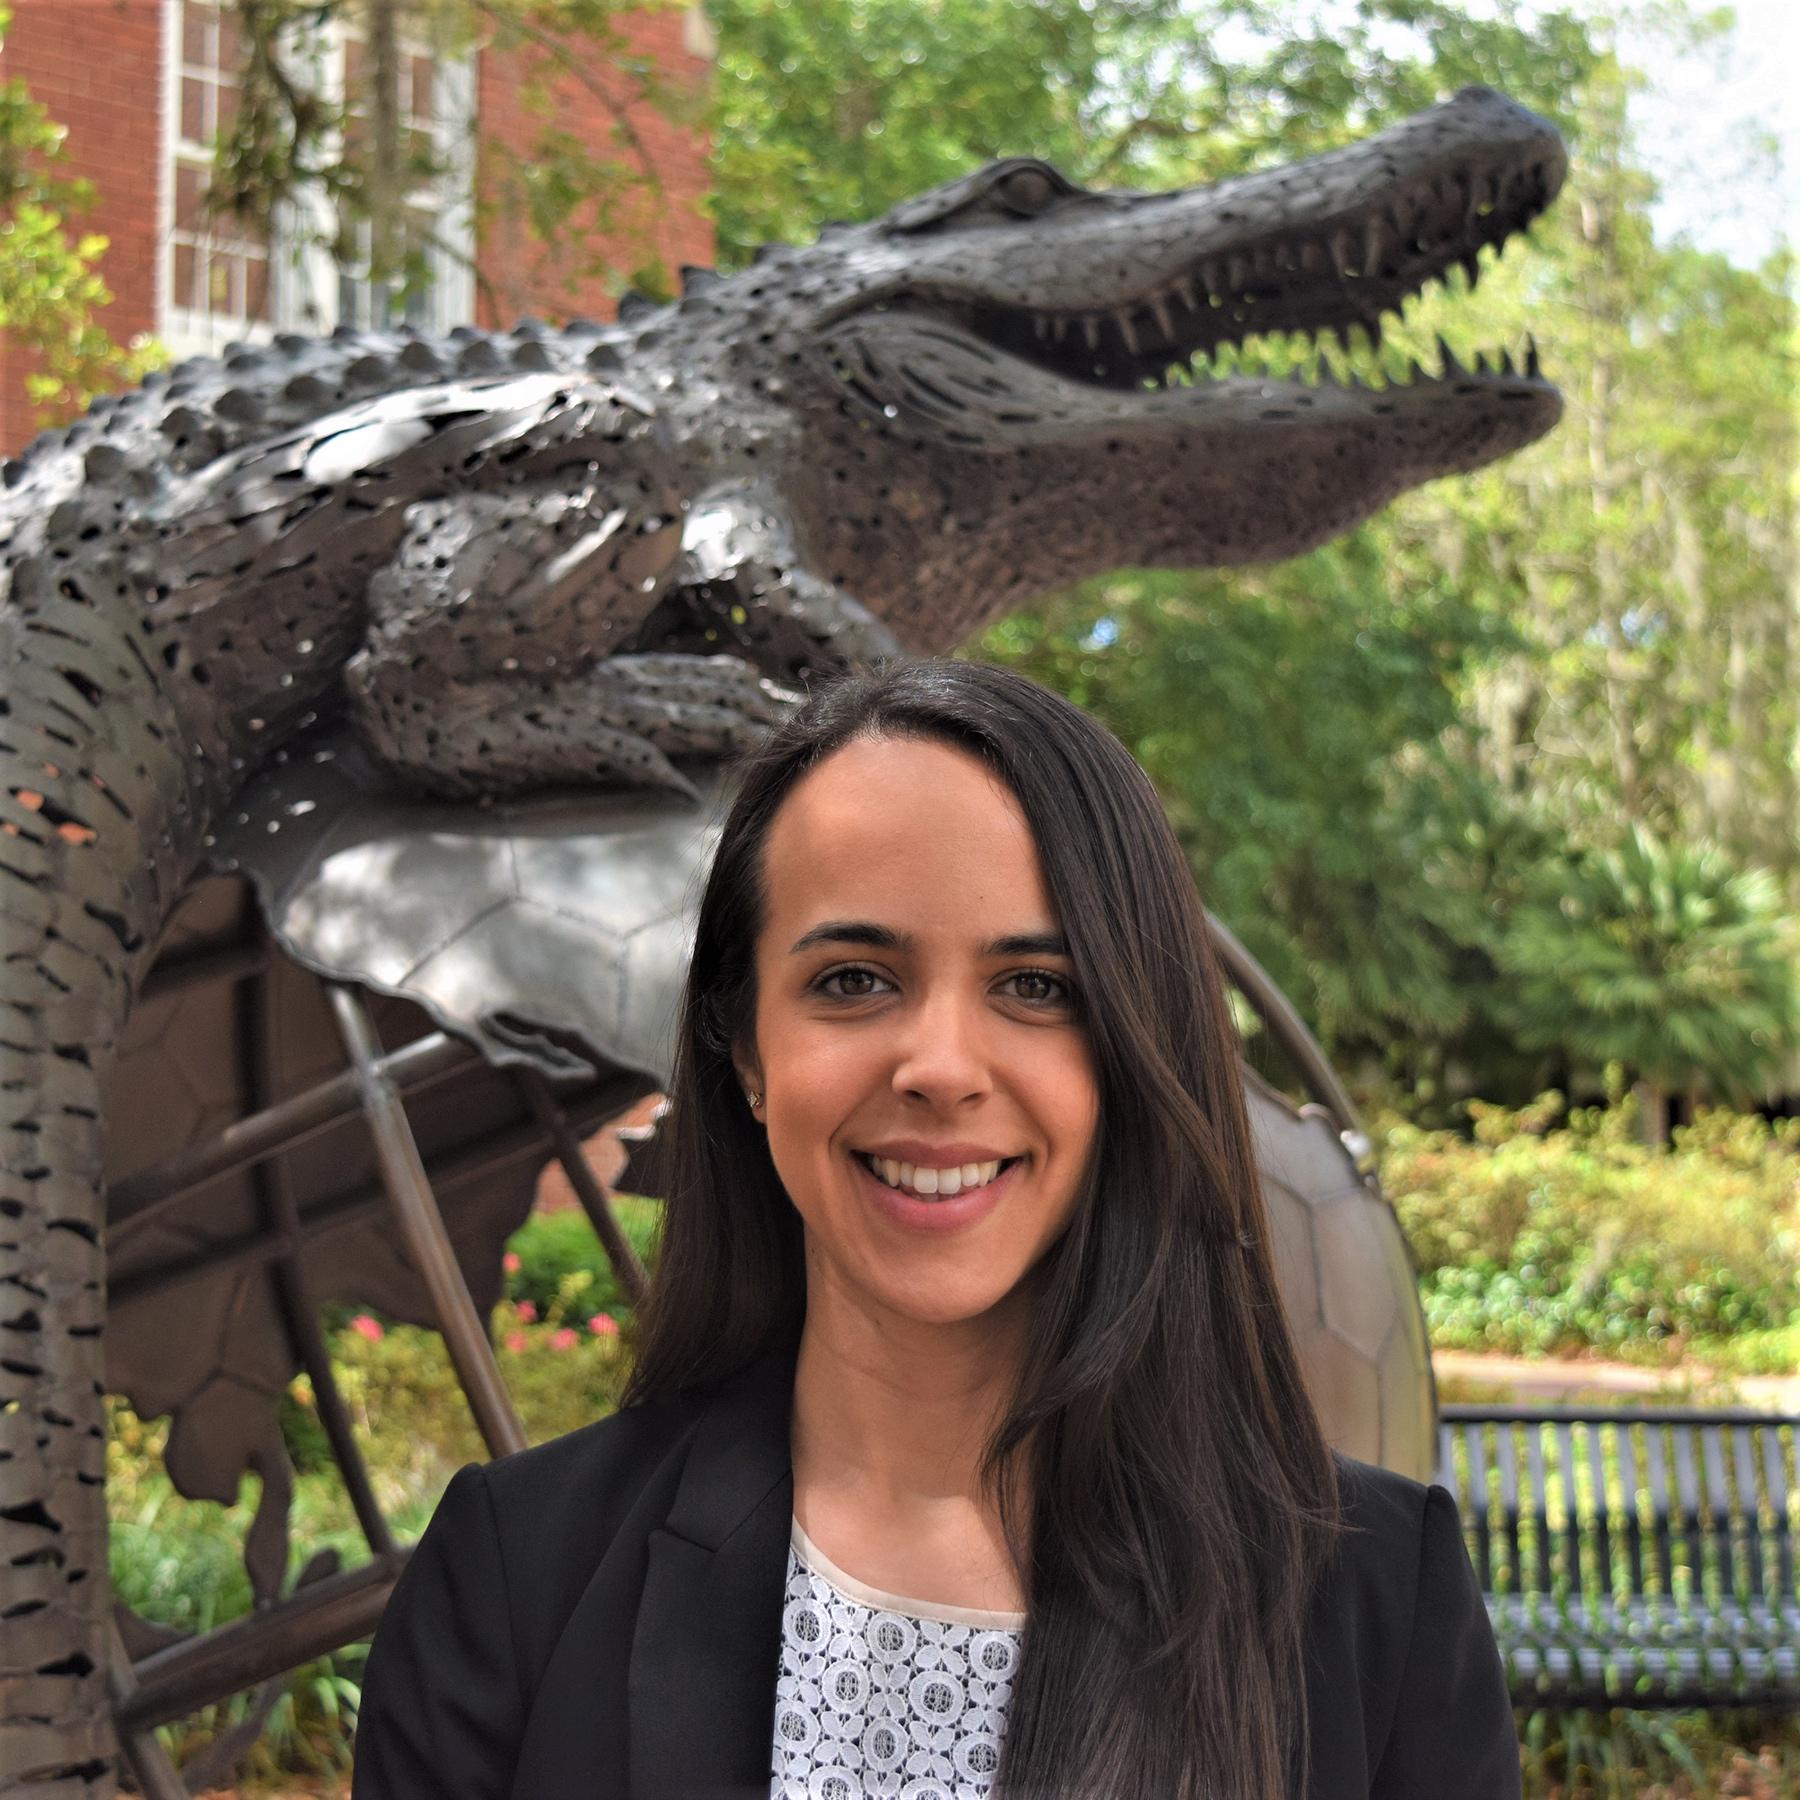 Briana Vargas-Gonzalez